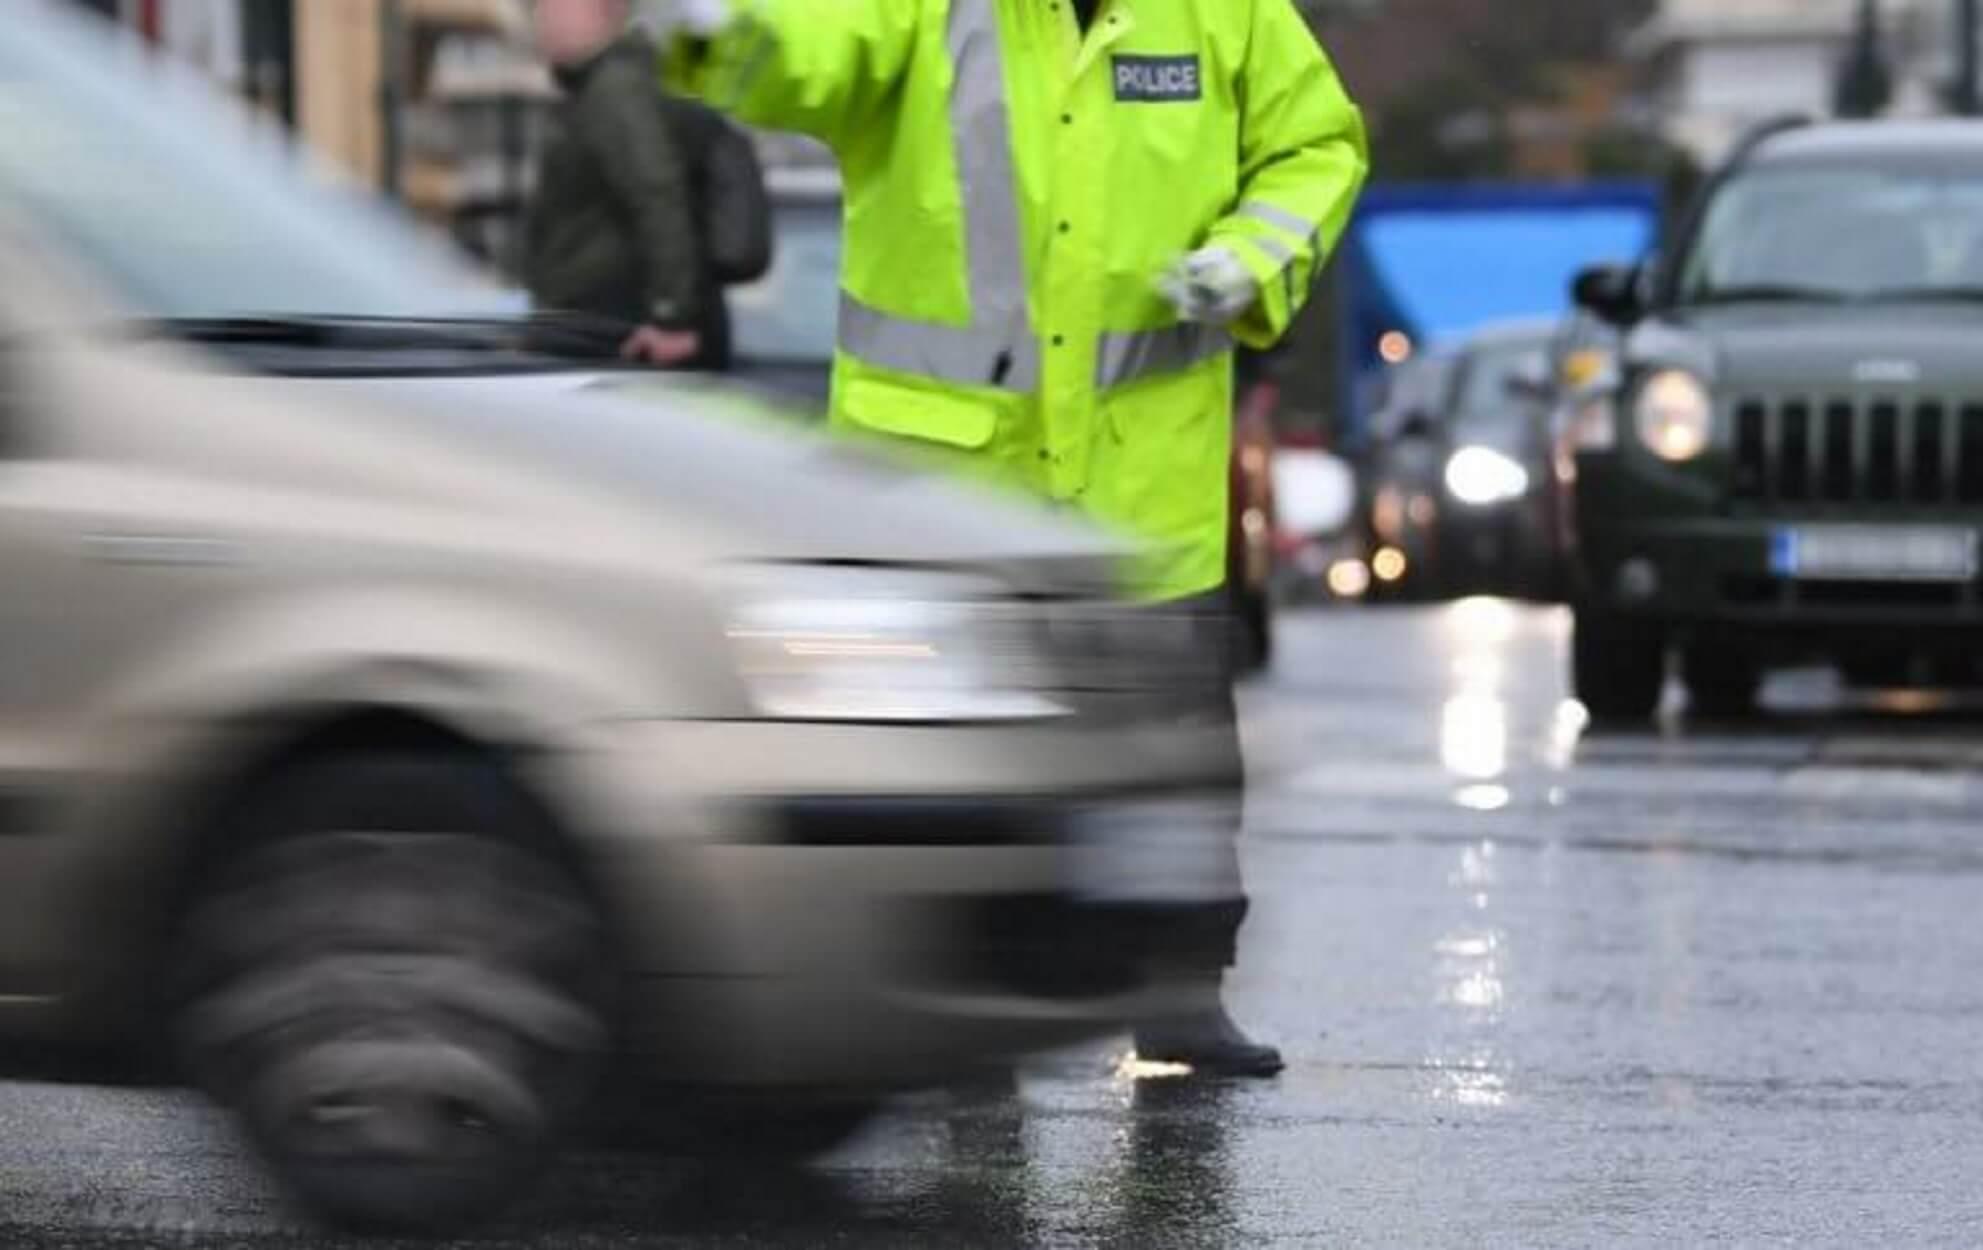 Προσοχή: Κυκλοφοριακές ρυθμίσεις στο κέντρο της Αθήνας και την Αγία Παρασκευή